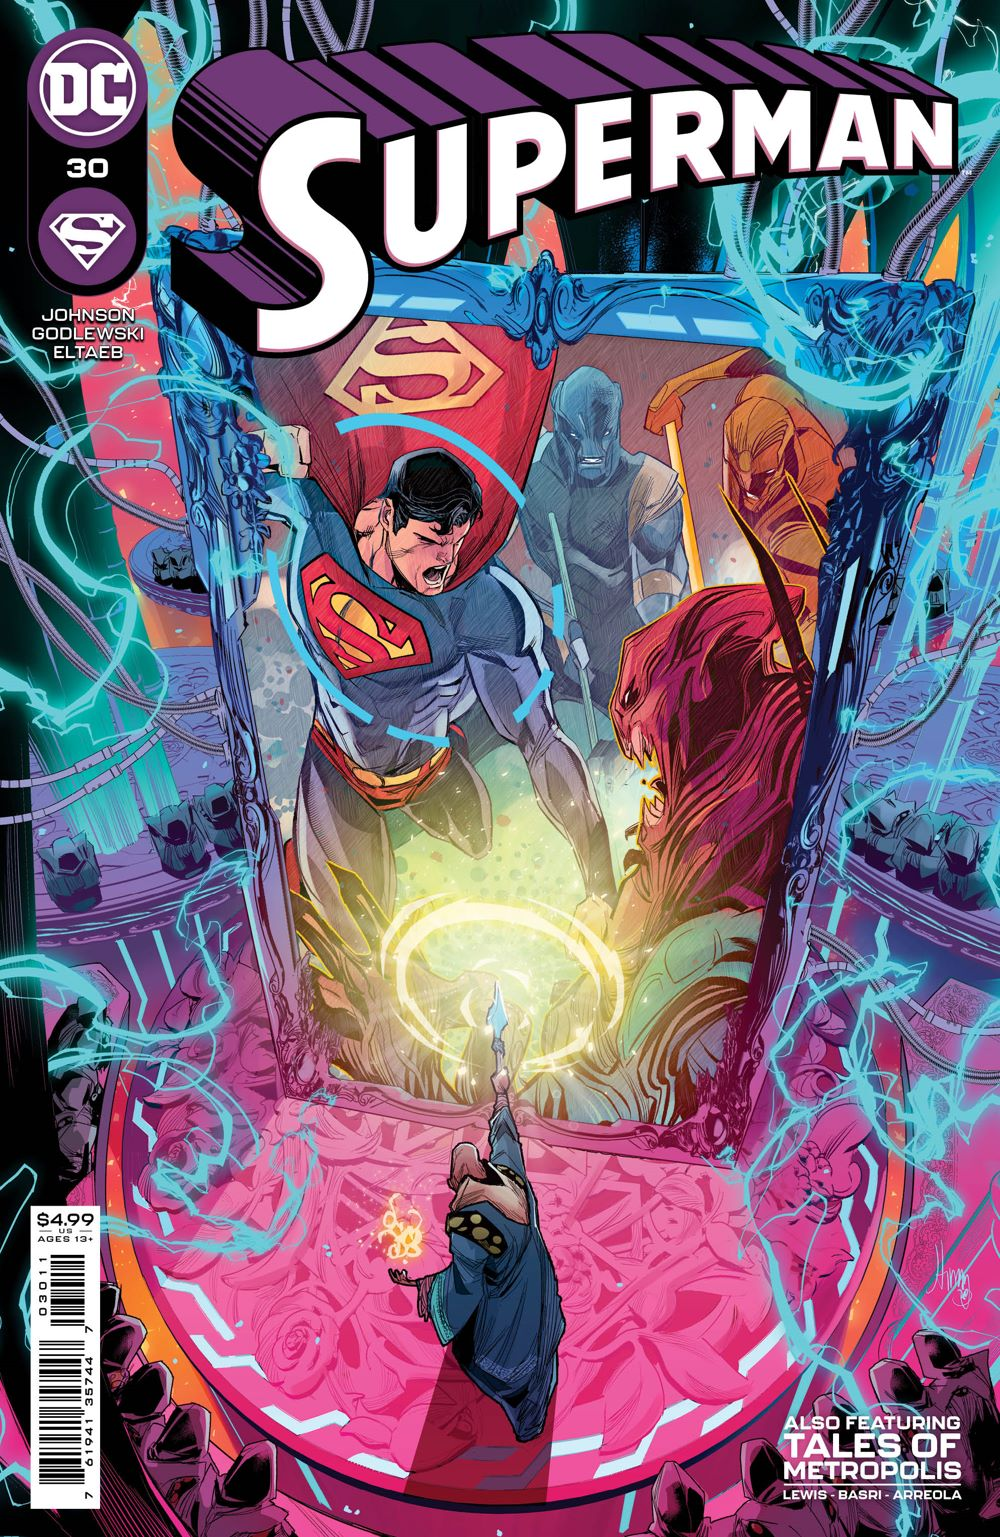 SUPERMAN_Cv30 DC Comics April 2021 Solicitations